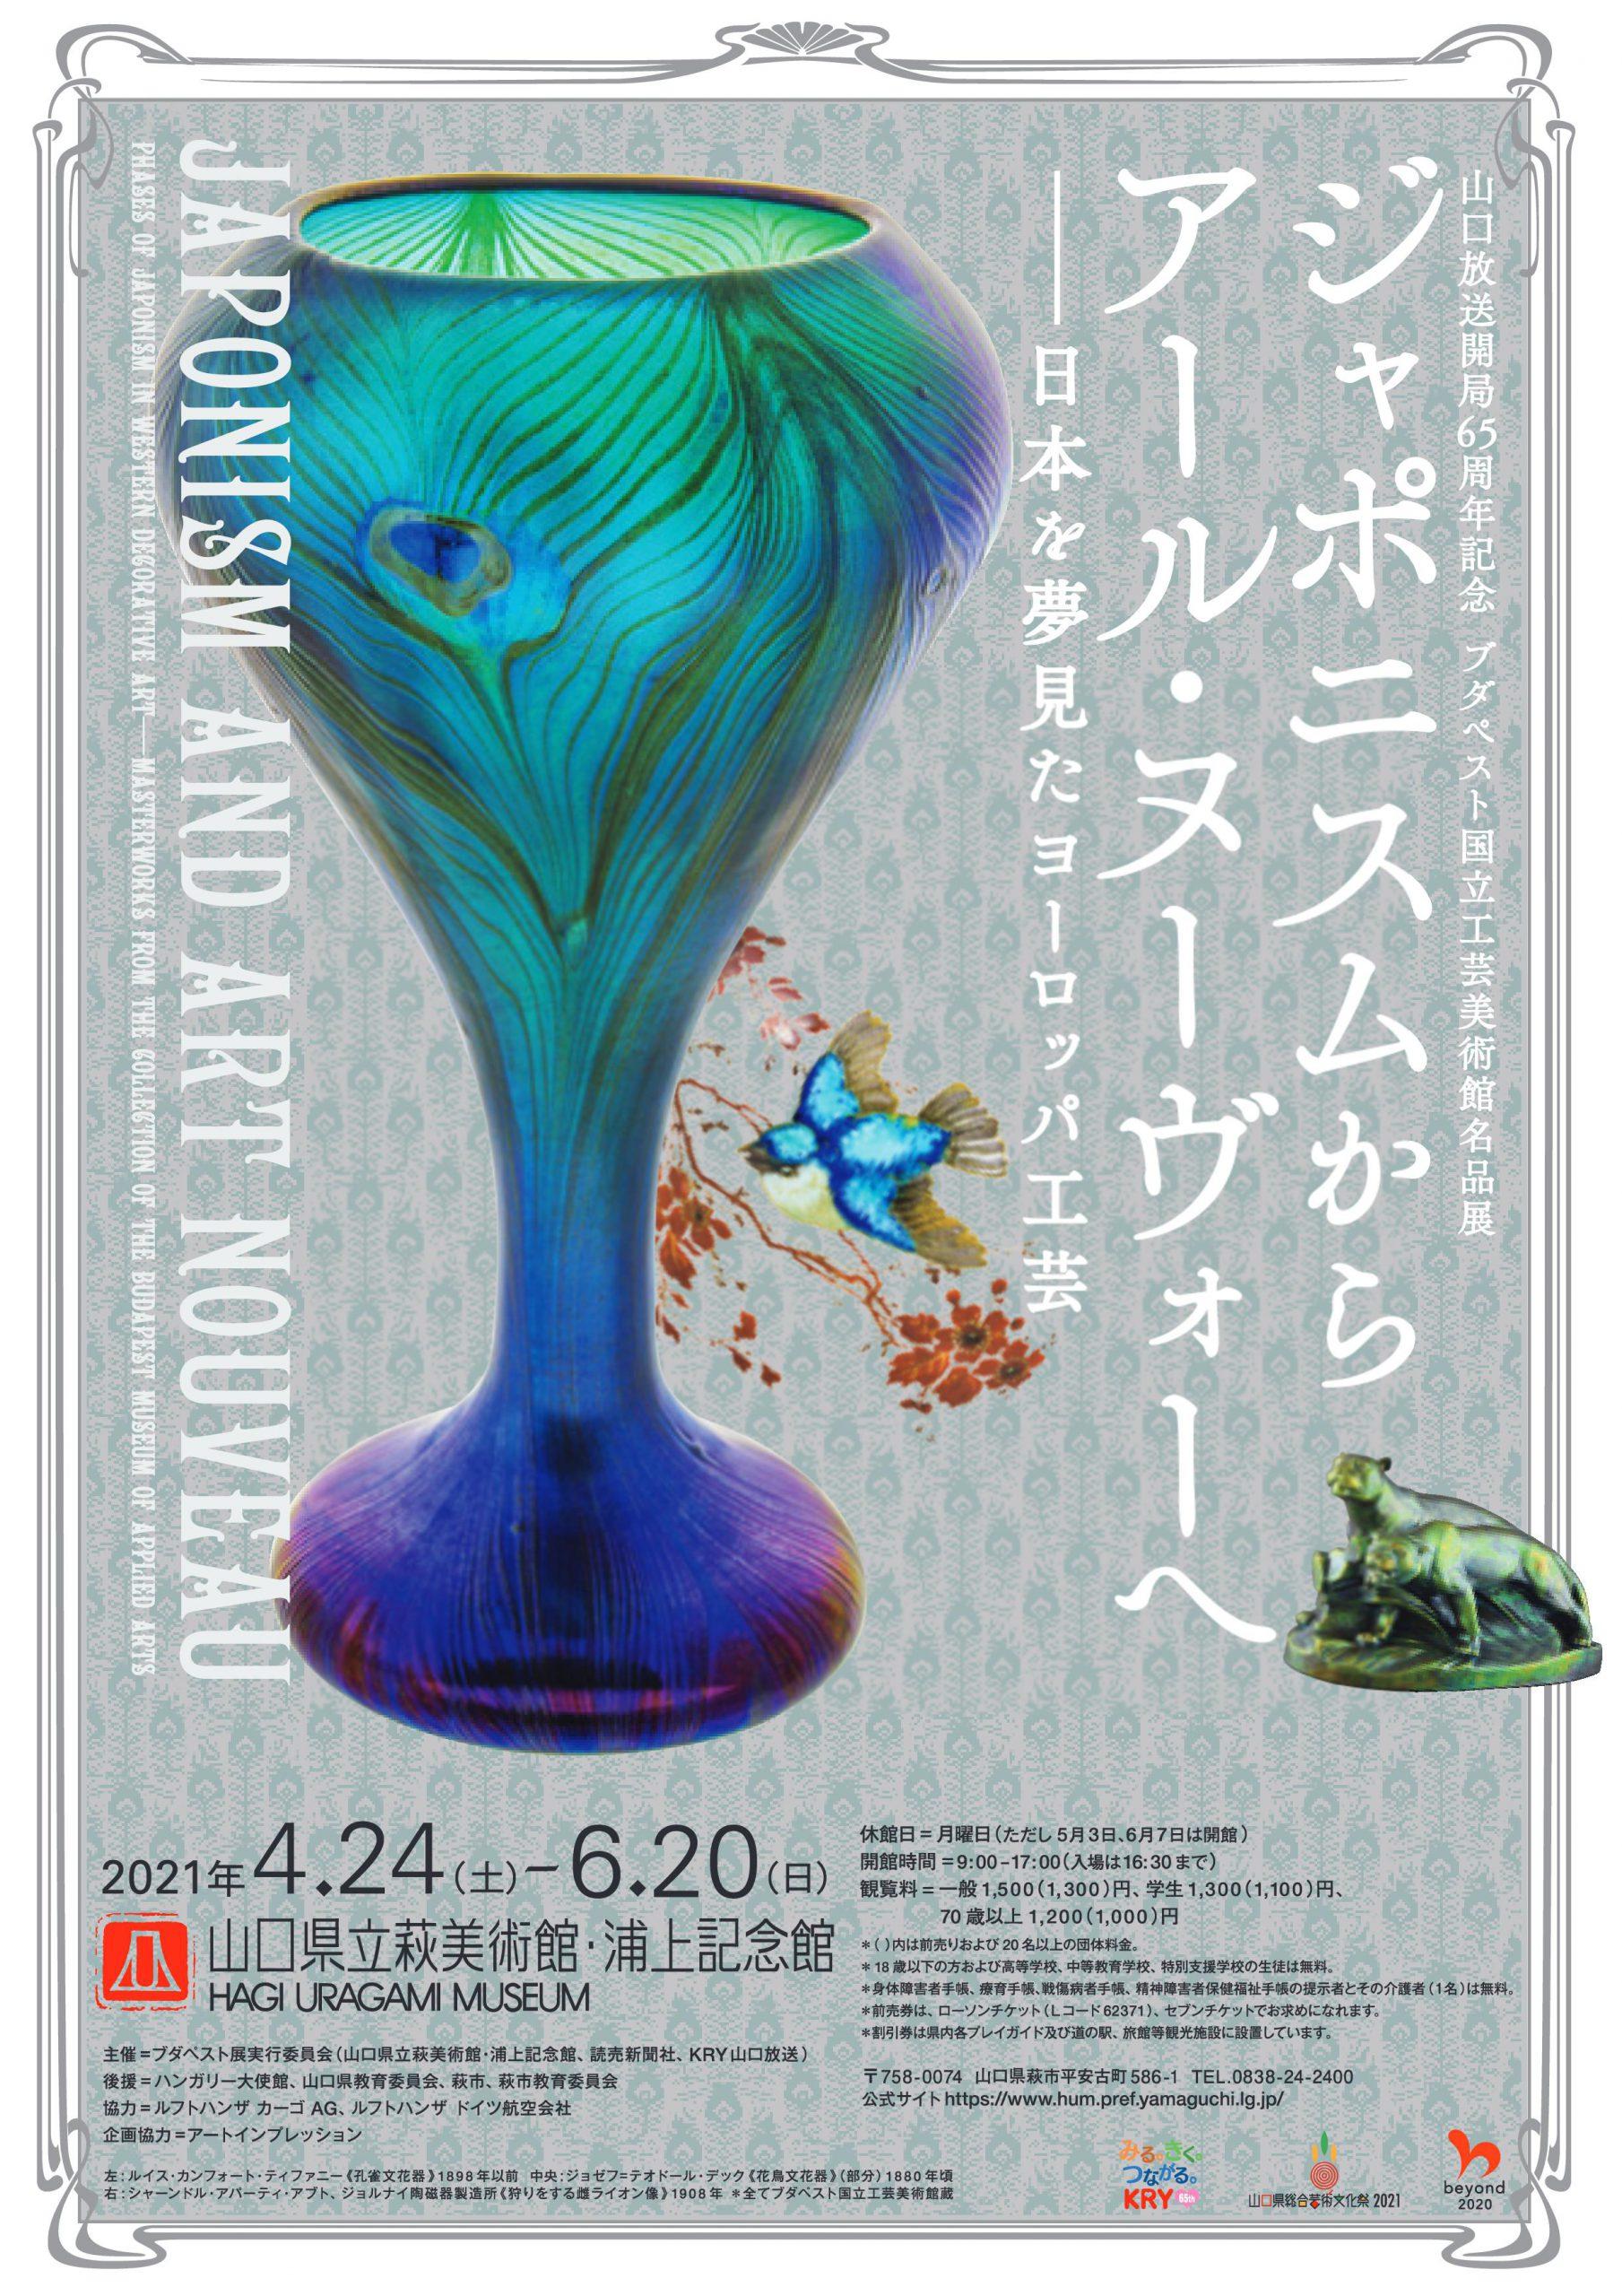 画像:【萩美術館】ブダペスト国立工芸美術館名品展 ジャポニスムからアール・ヌーヴォーへ